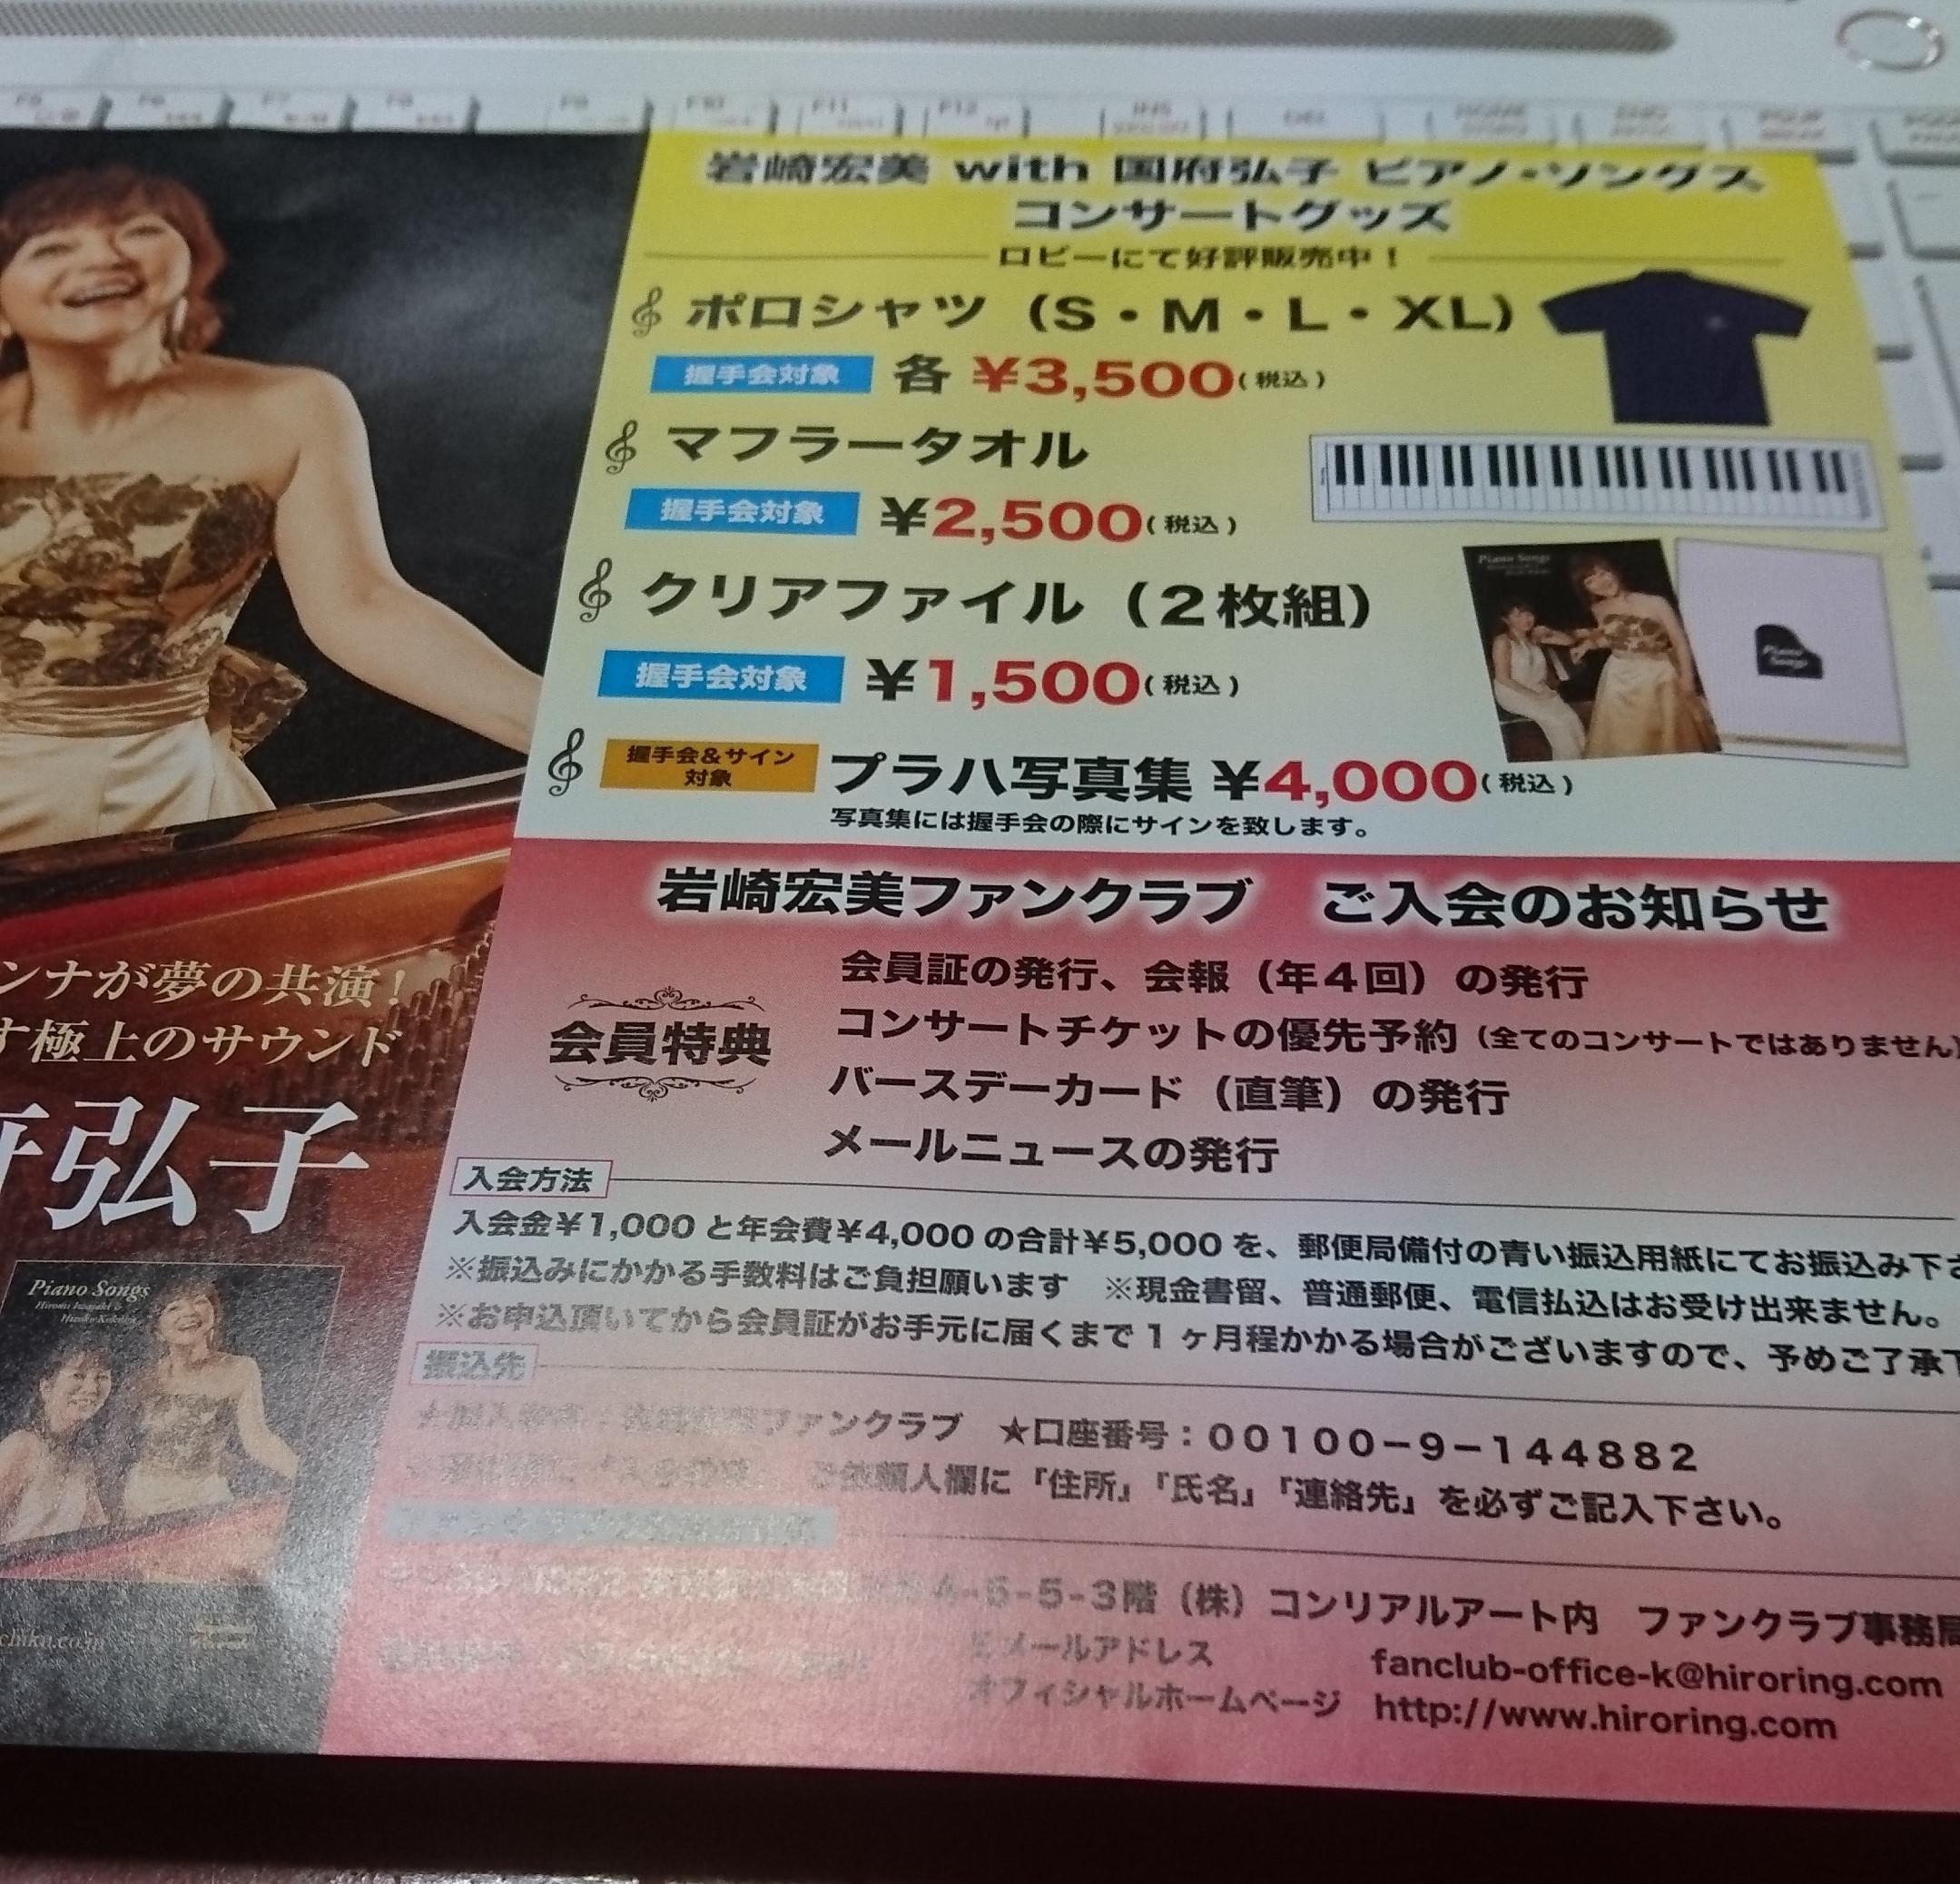 岩崎宏美with国府弘子ピアノ・ソングスコンサートグッズ